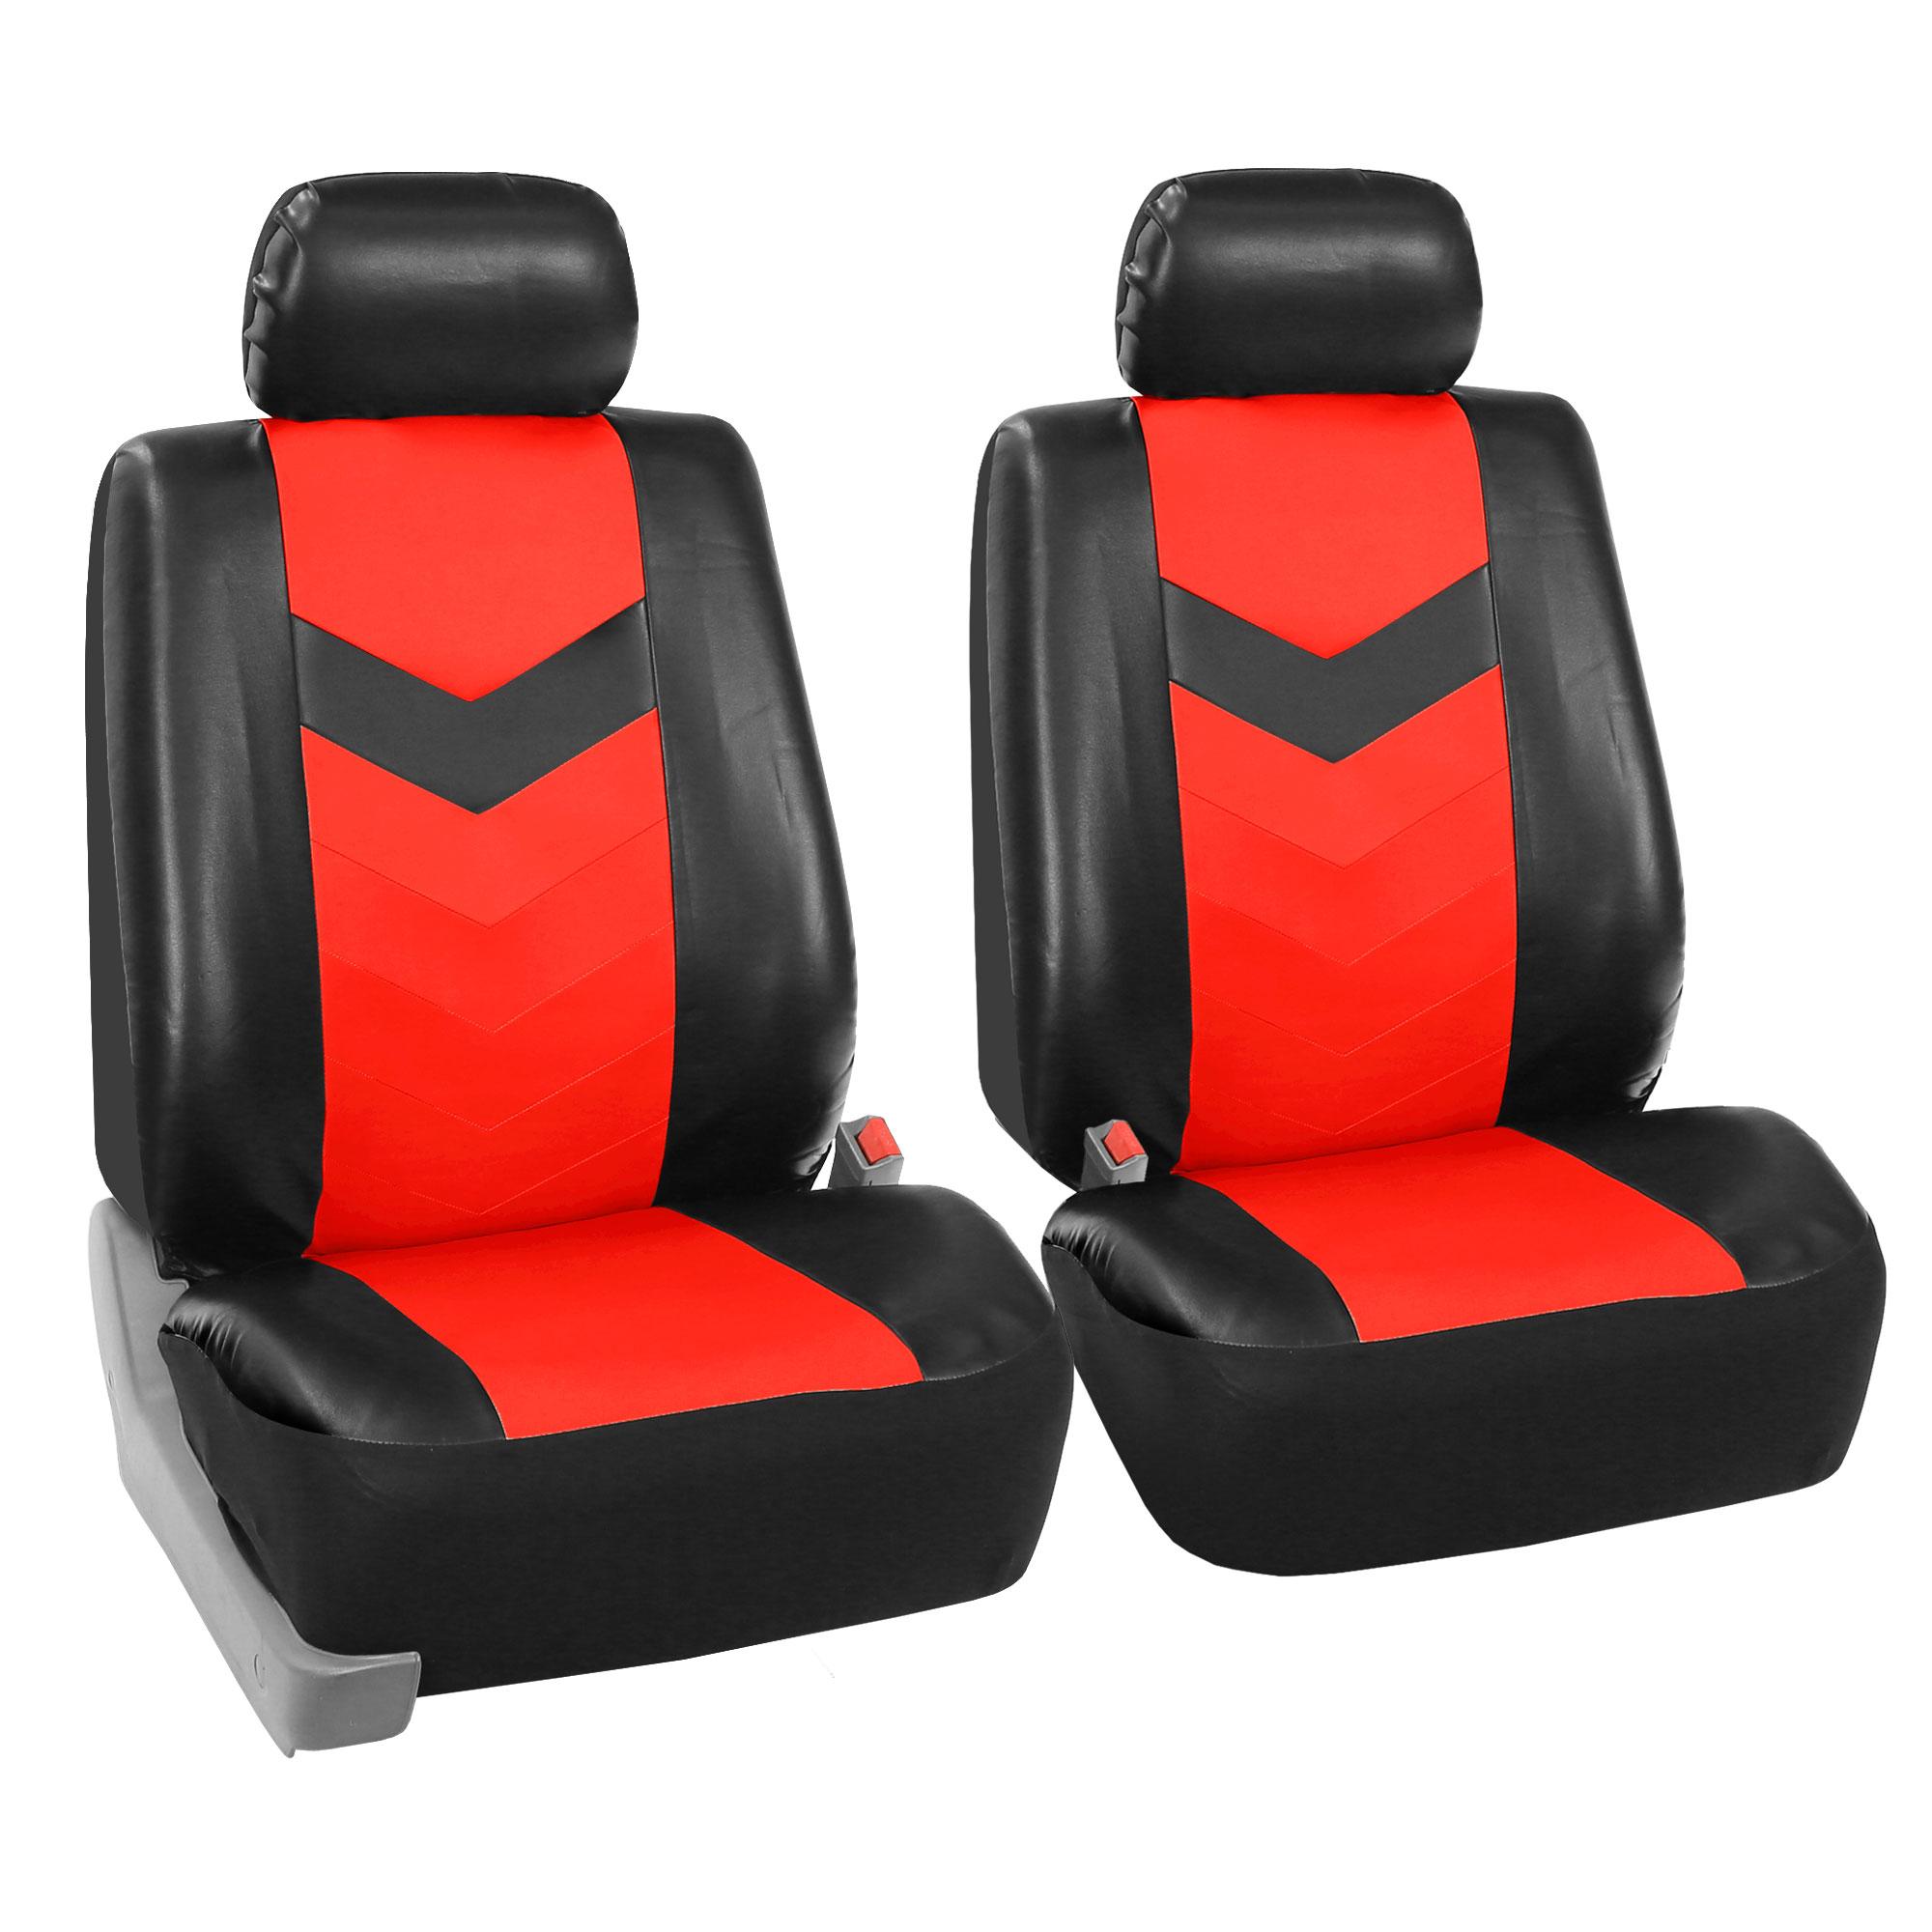 Mitsubishi Lancer Car Seat Covers